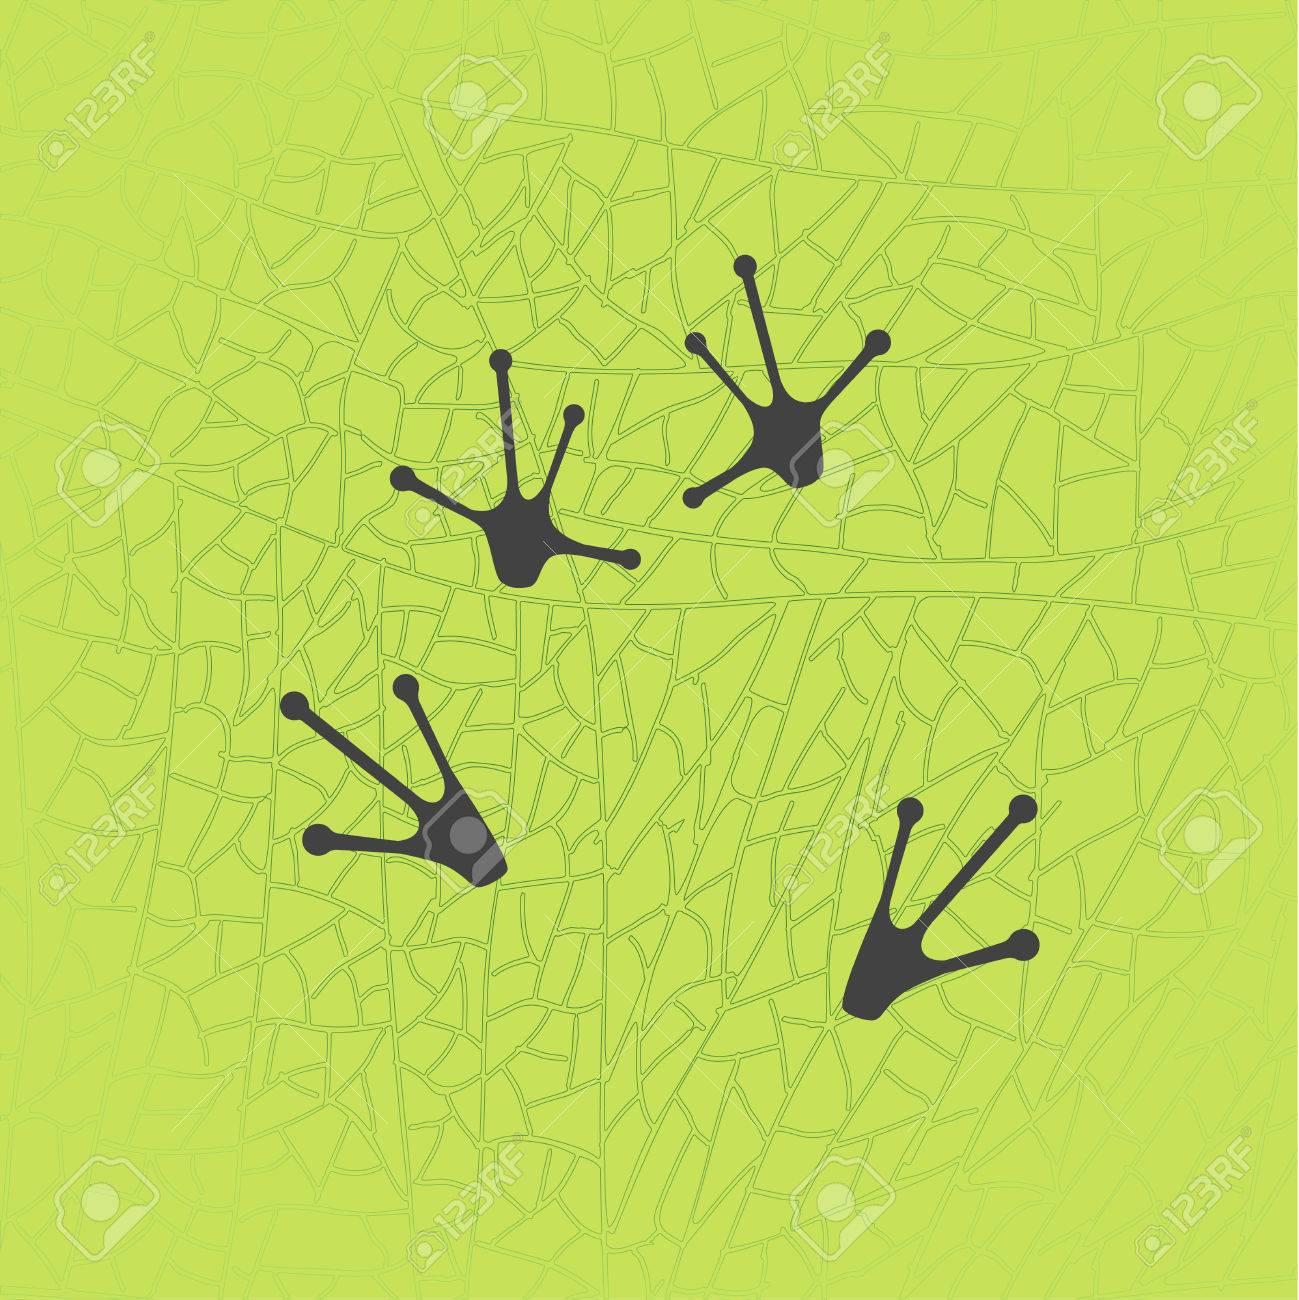 animals footprints frog feet isolated illustration vector rh 123rf com Snake Footprints Alligator Footprints